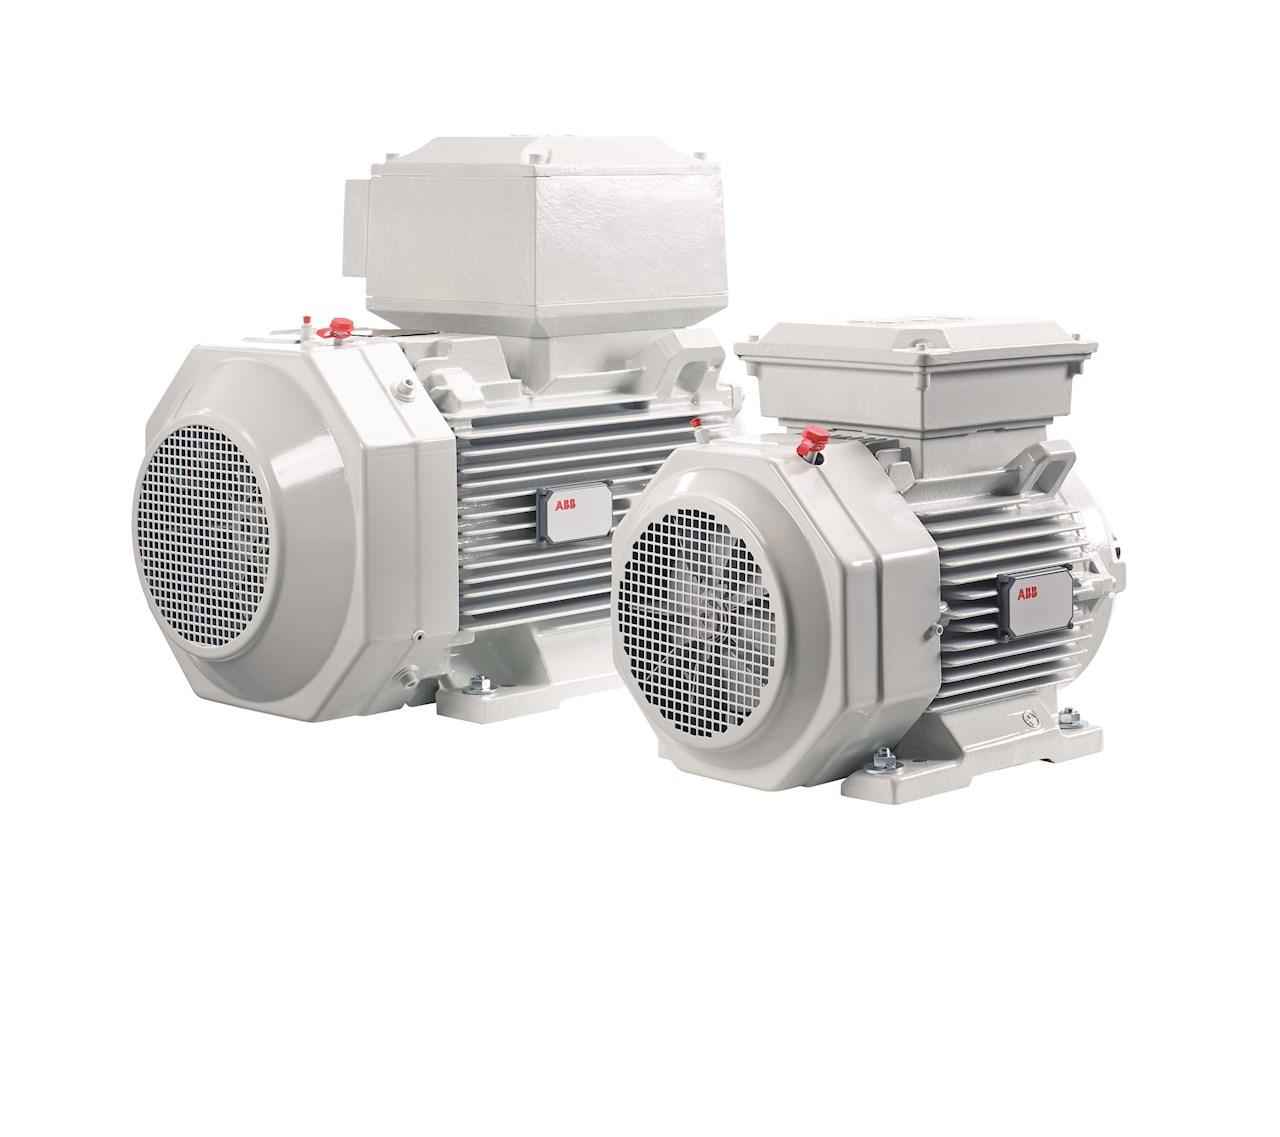 Der ABB Ability™ Smart Sensor für Motoren wird direkt am Motor befestigt. Das Multi-Sensor-System mit einer drahtlosen Kommunikationsschnittstelle sammelt und sendet präzise Messdaten. (Quelle: ABB)